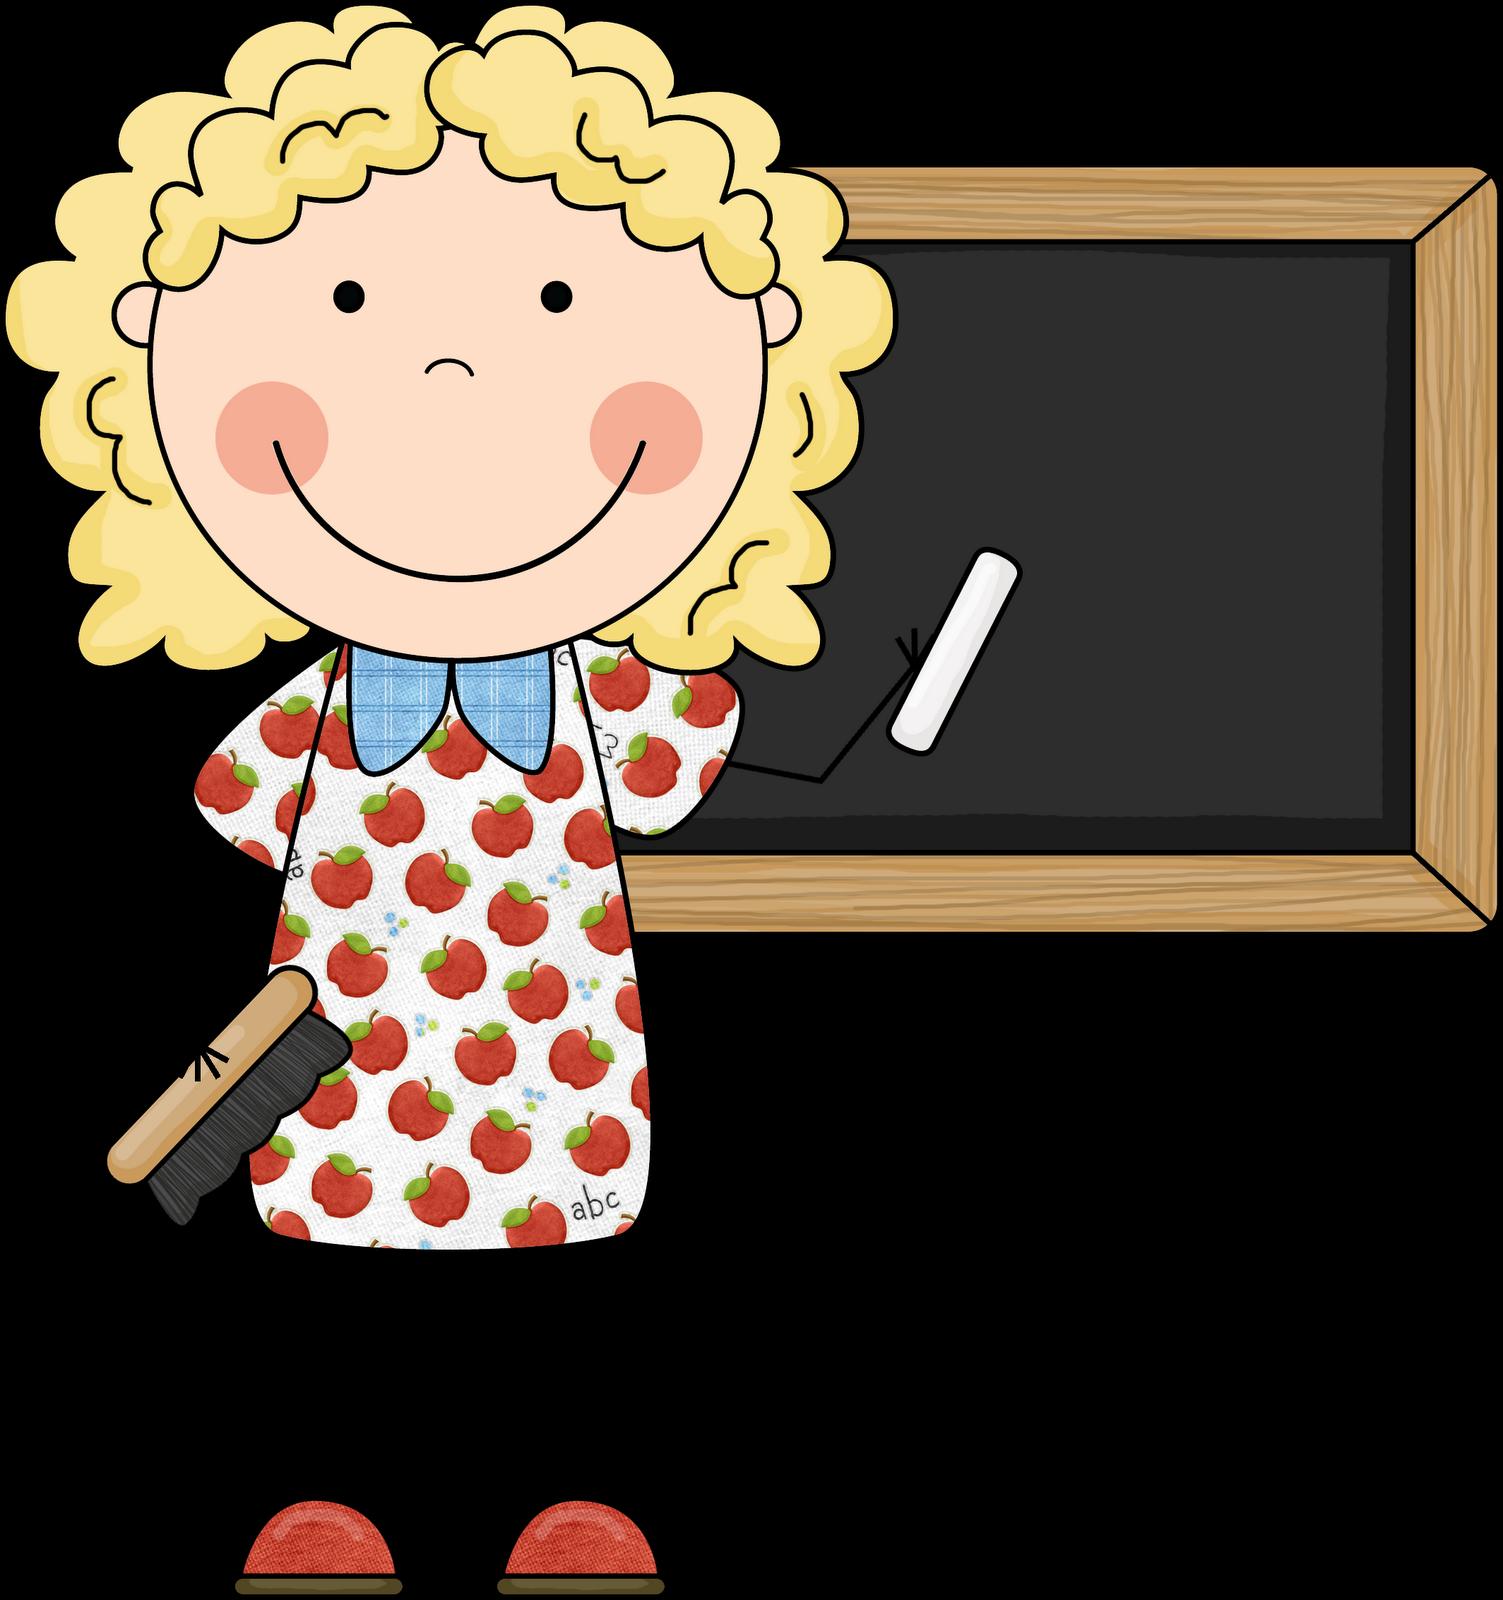 Kindergarten Teacher Clip Art | Clipart Panda - Free Clipart Images